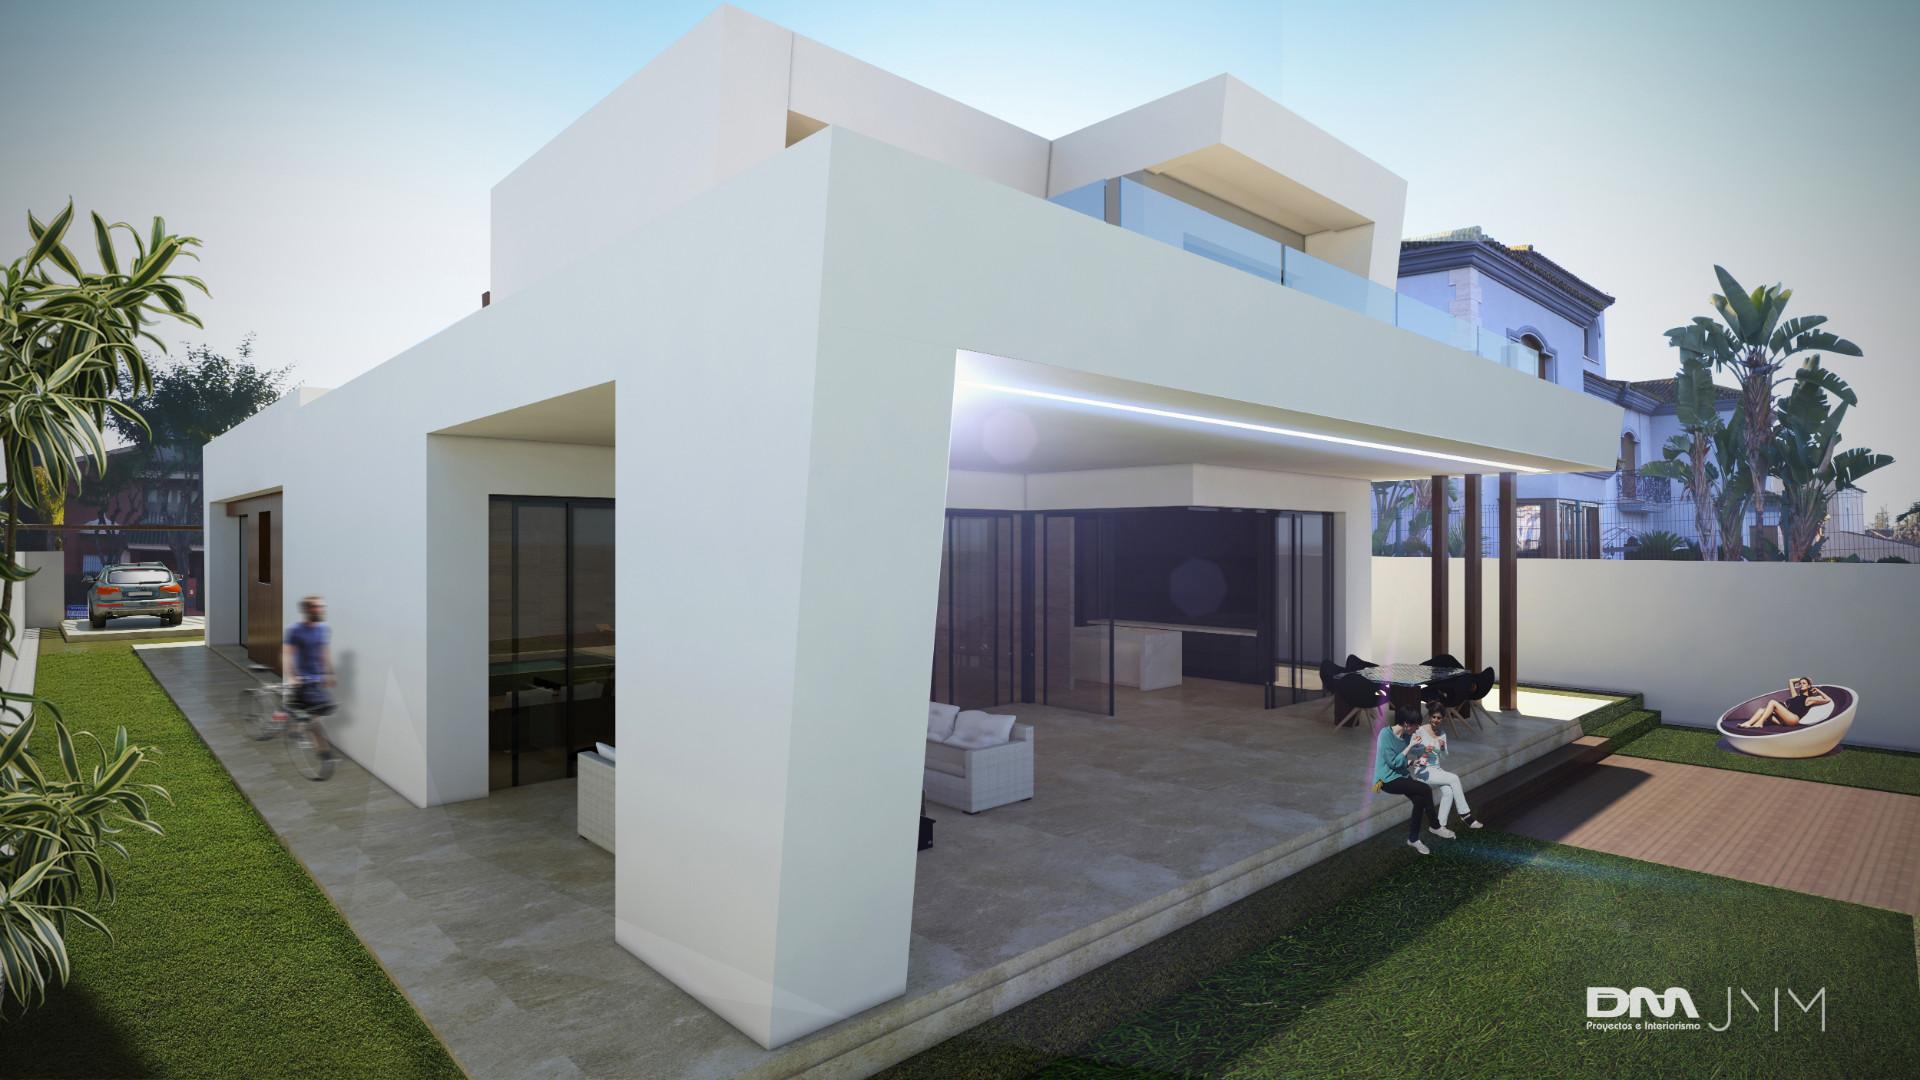 proyectos-interiorismo-interioristas-diseno-interiores-viviendas-particulares-chalets-adosados-lujo-05